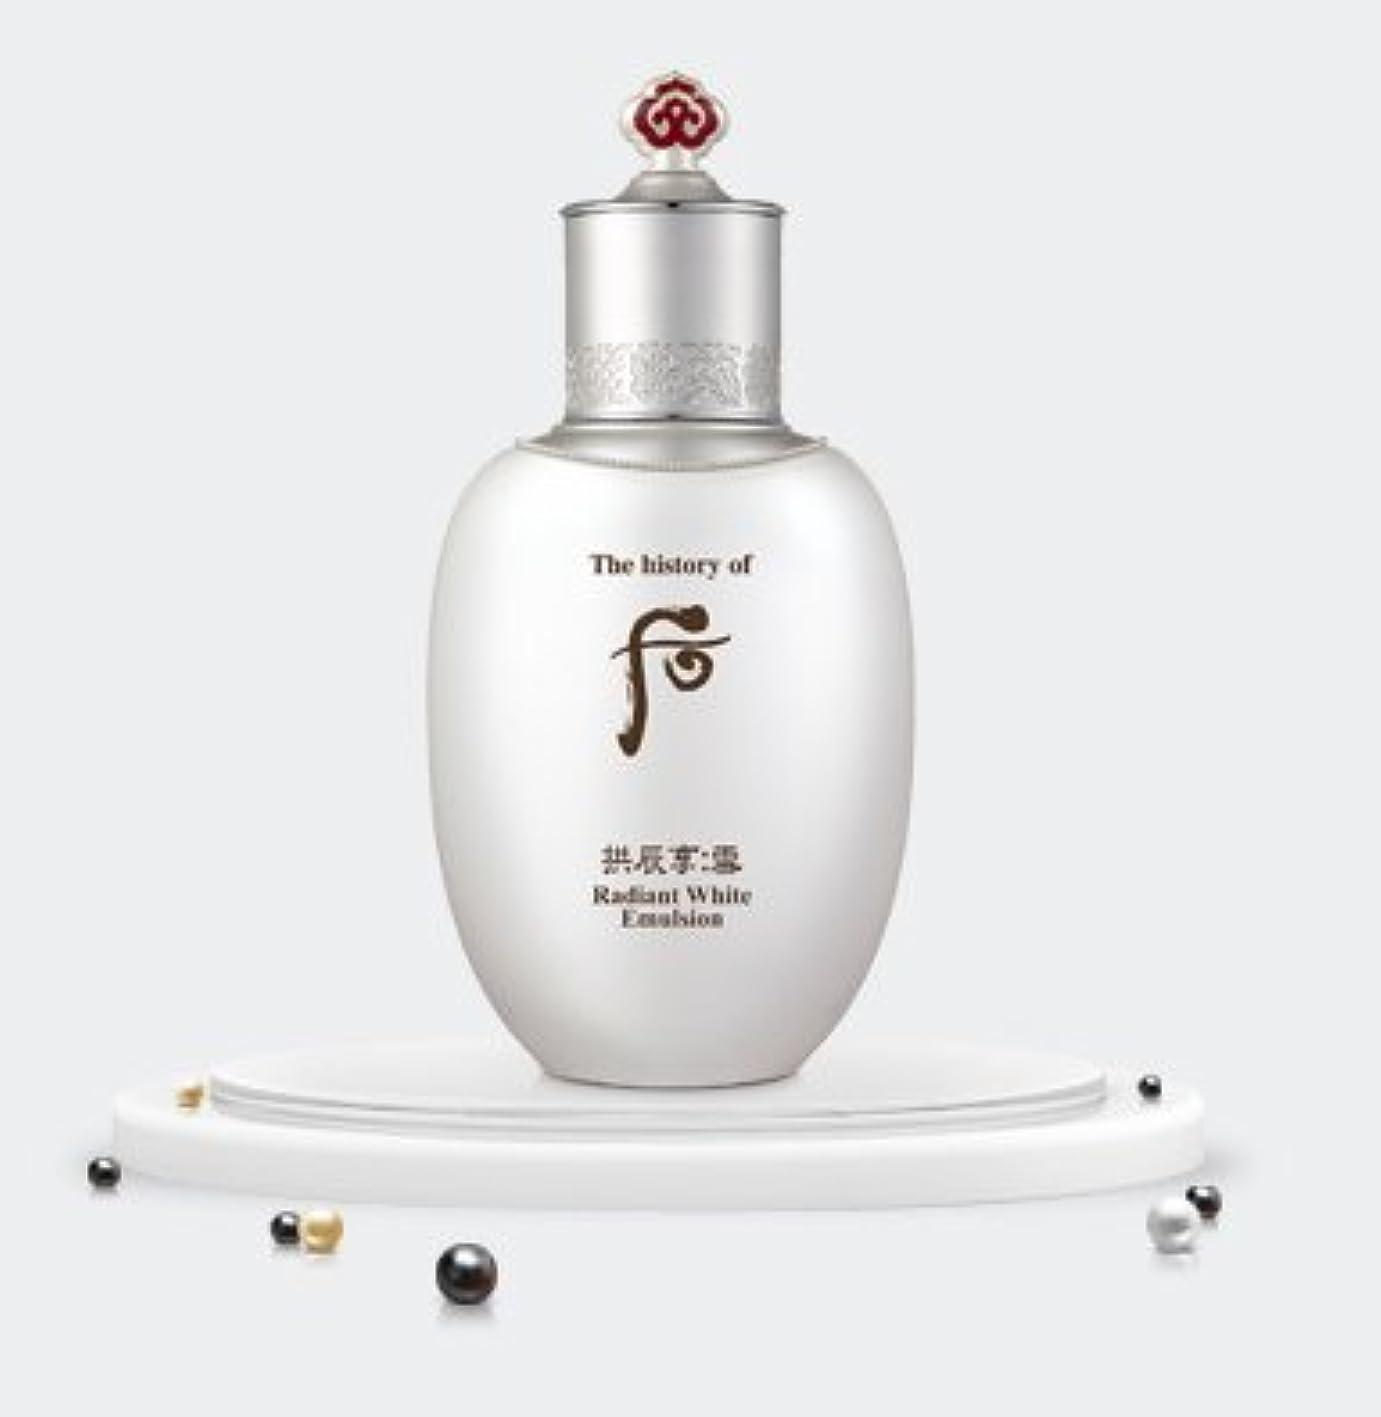 ポータブル存在するThe History of Whoo Gongjinhyang: Seol Whitening Lotion 110ml K-beauty[並行輸入品]